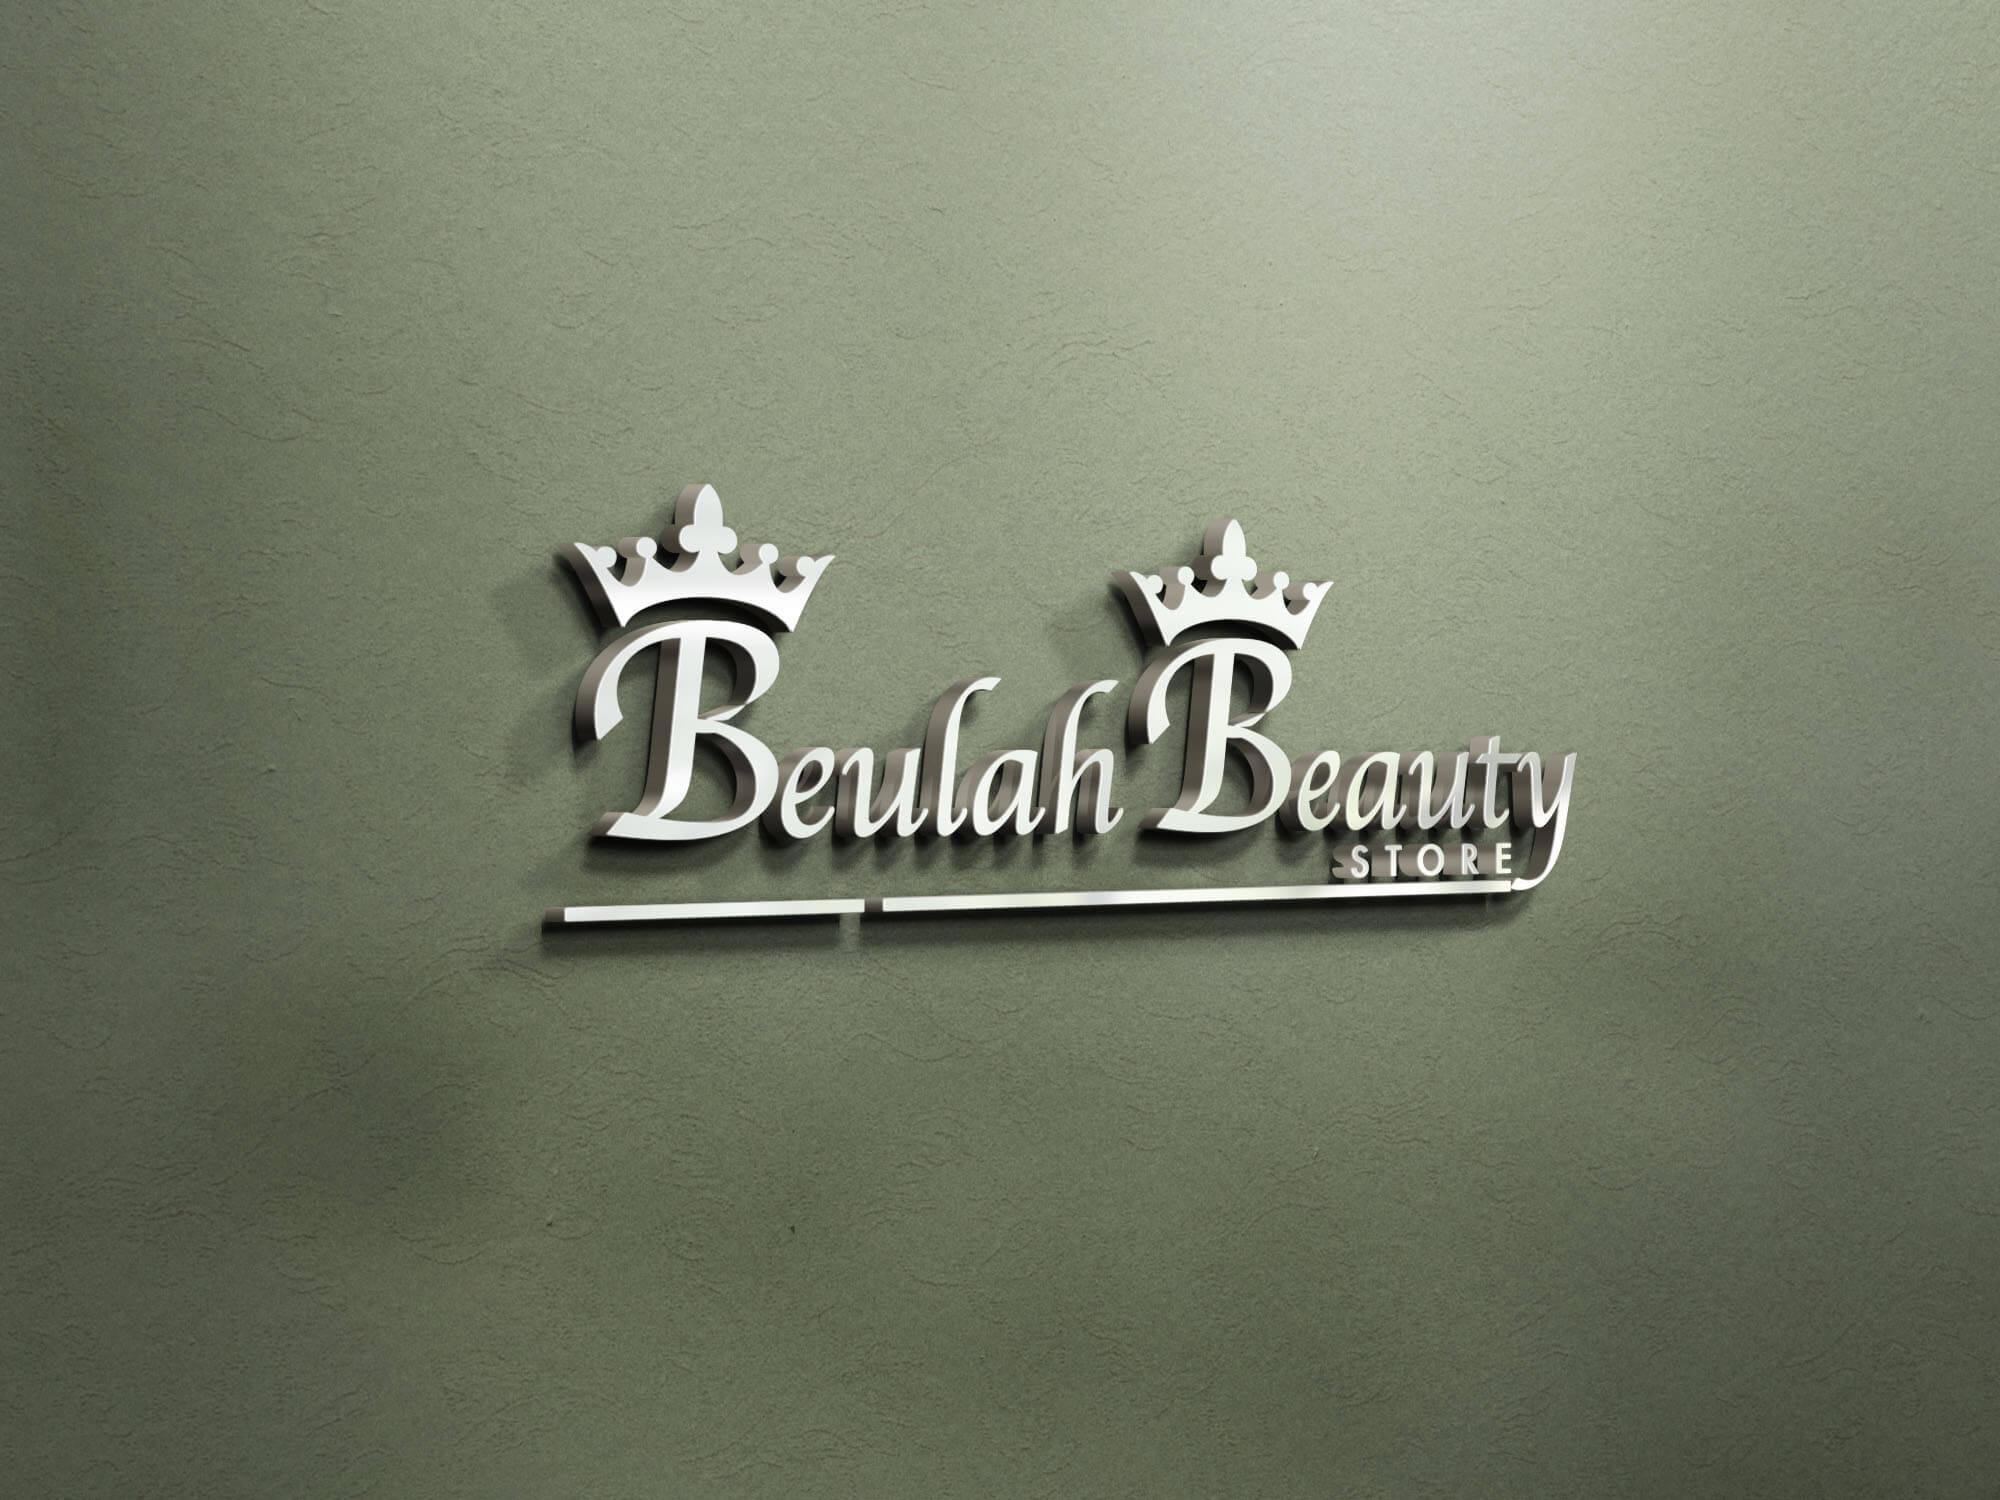 beulah beauty logo